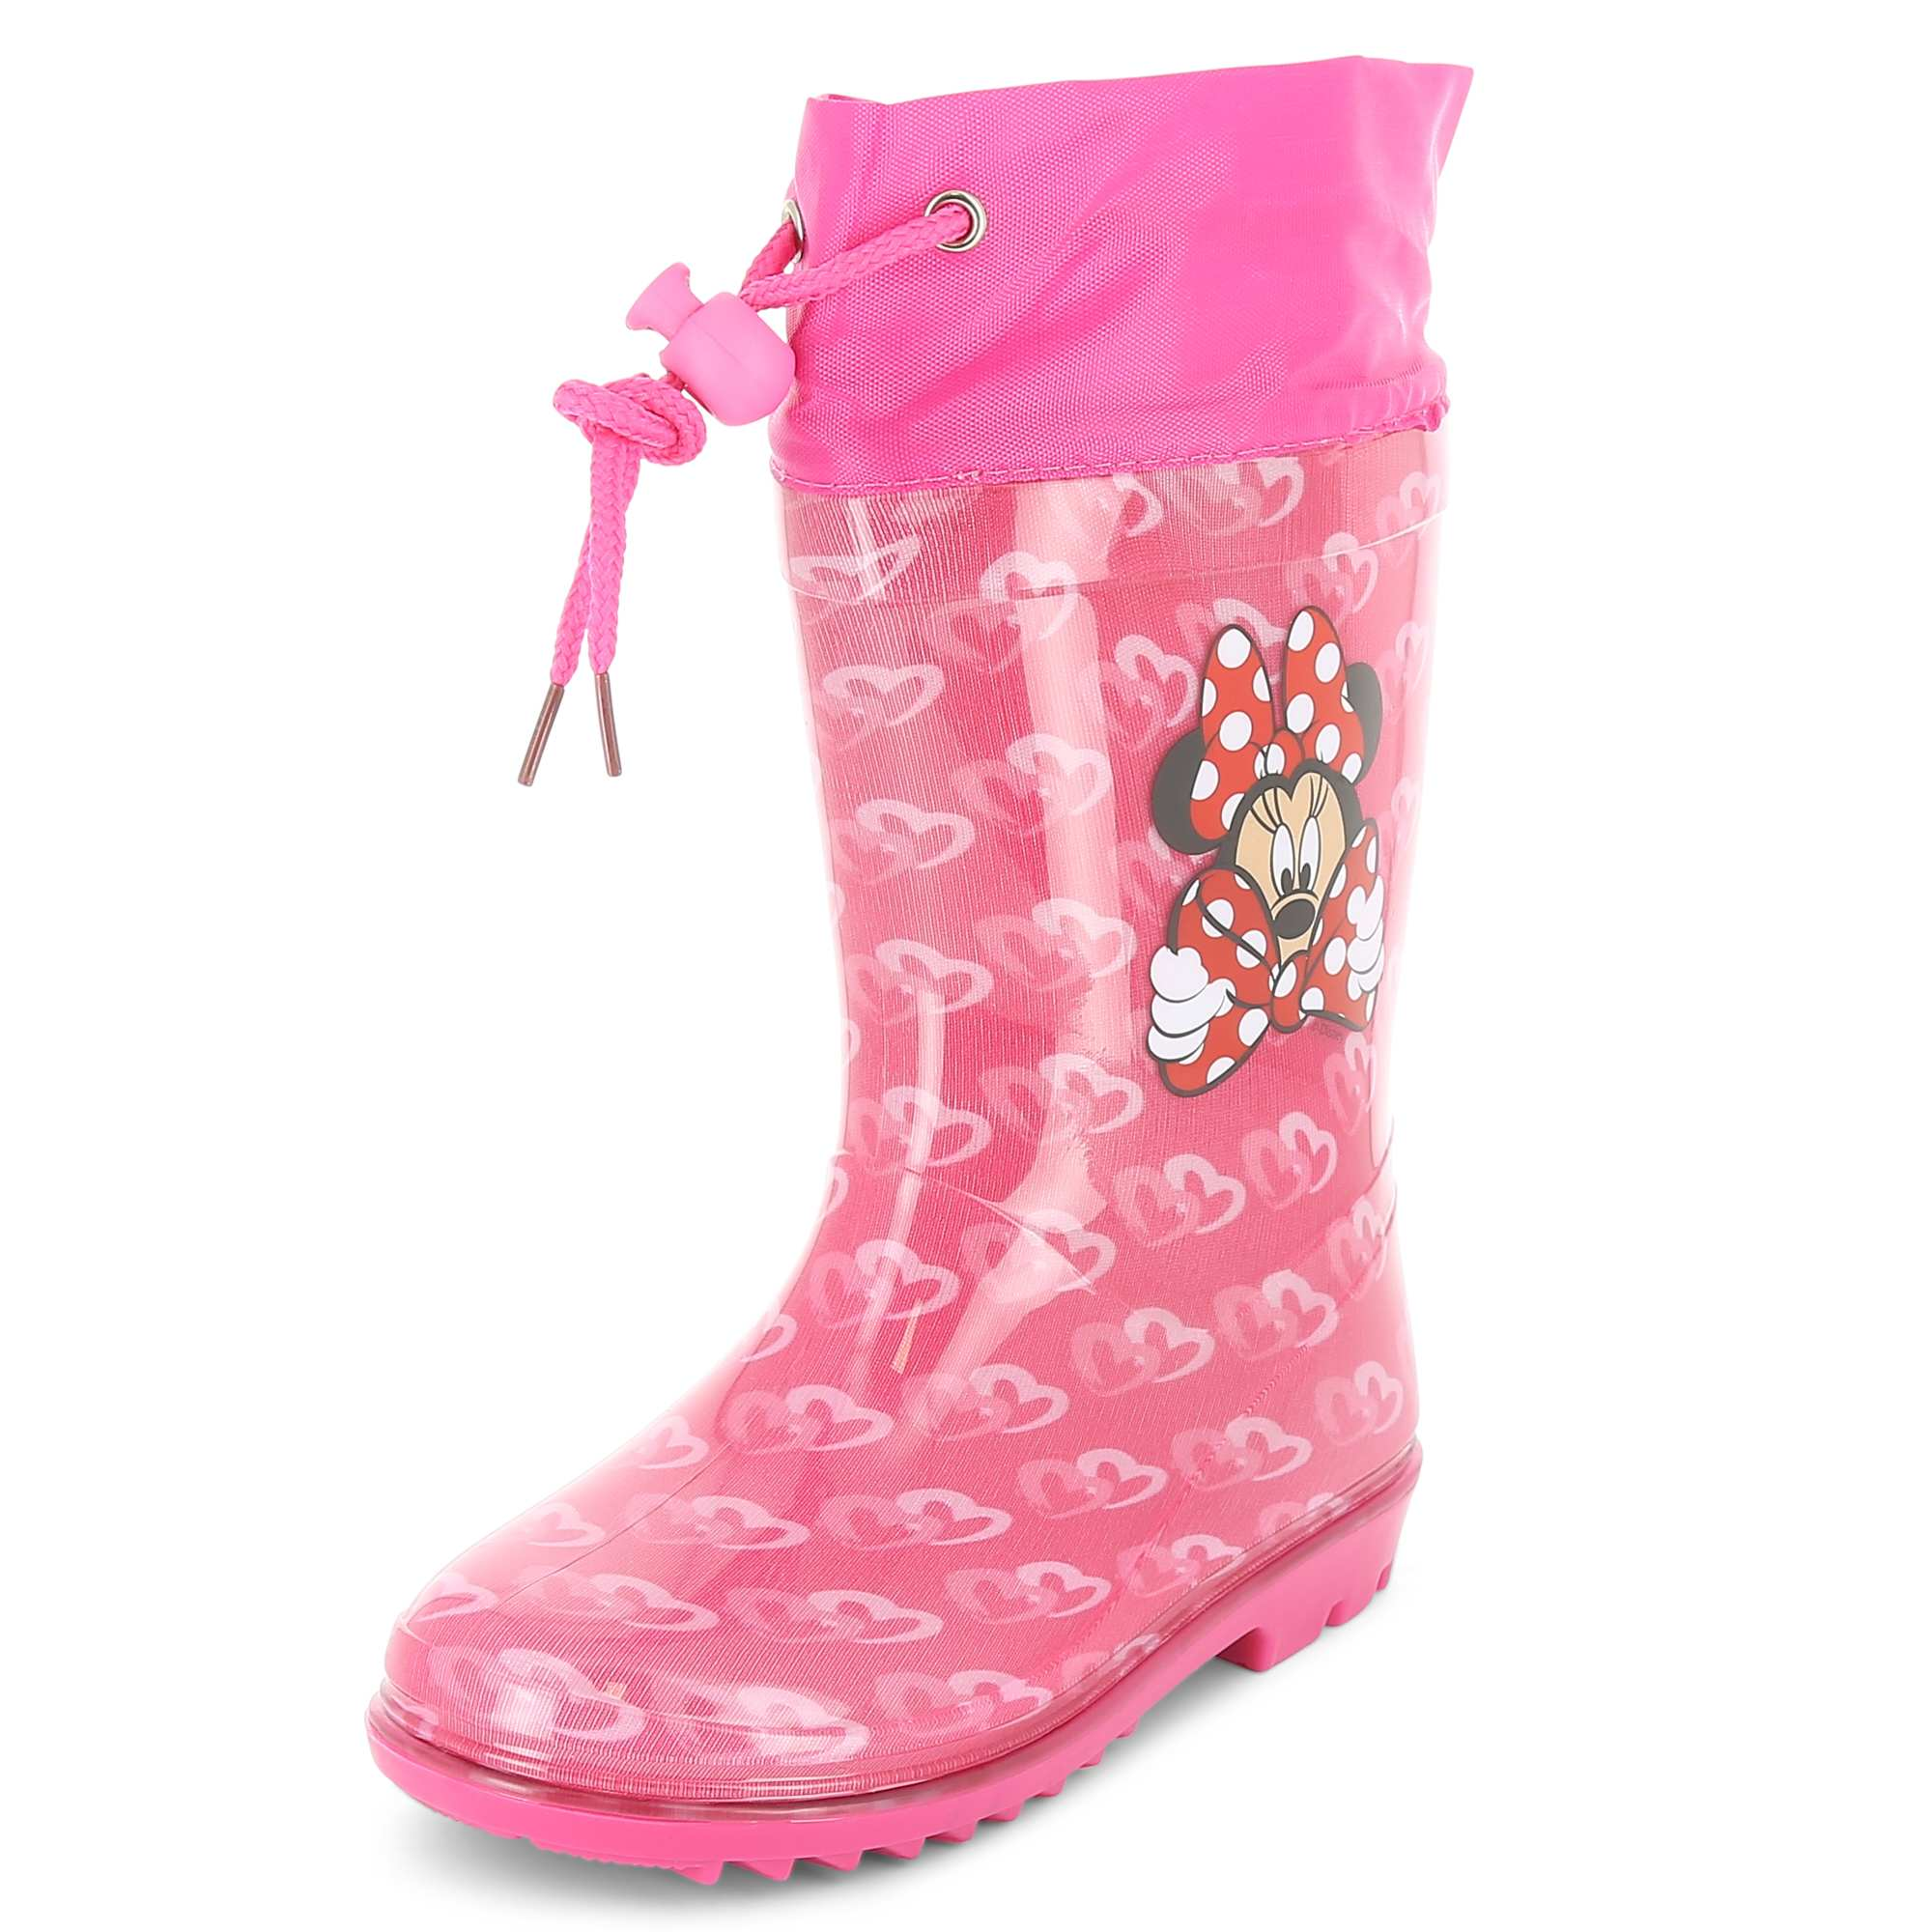 Couleur : fuchsia, rose, ,, - Taille : 28/29, 30/31, 32/33,,Jouer dans les flaques avec 'Minnie', ça donne envie ! - Bottes de pluie en plastique